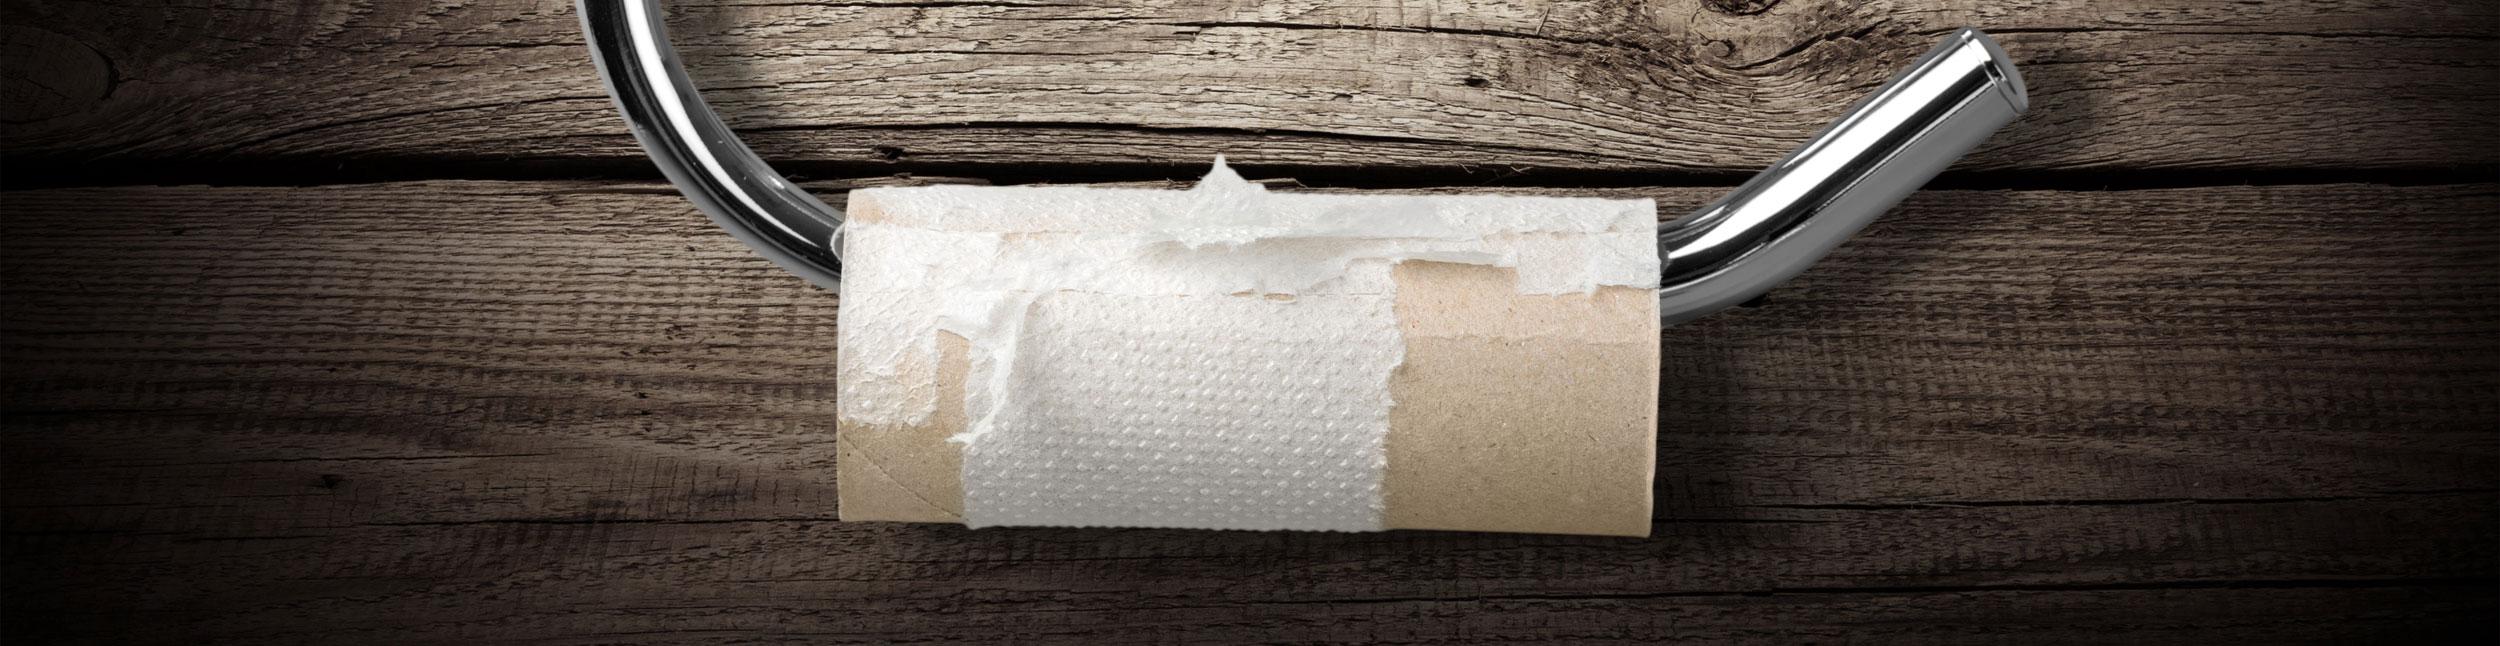 Toilettenpapierrolle mit einem kleinen Stück Papier. Mit den Dusch WC's der Urs Metzger AG brauchen Sie kein WC-Papier mehr.